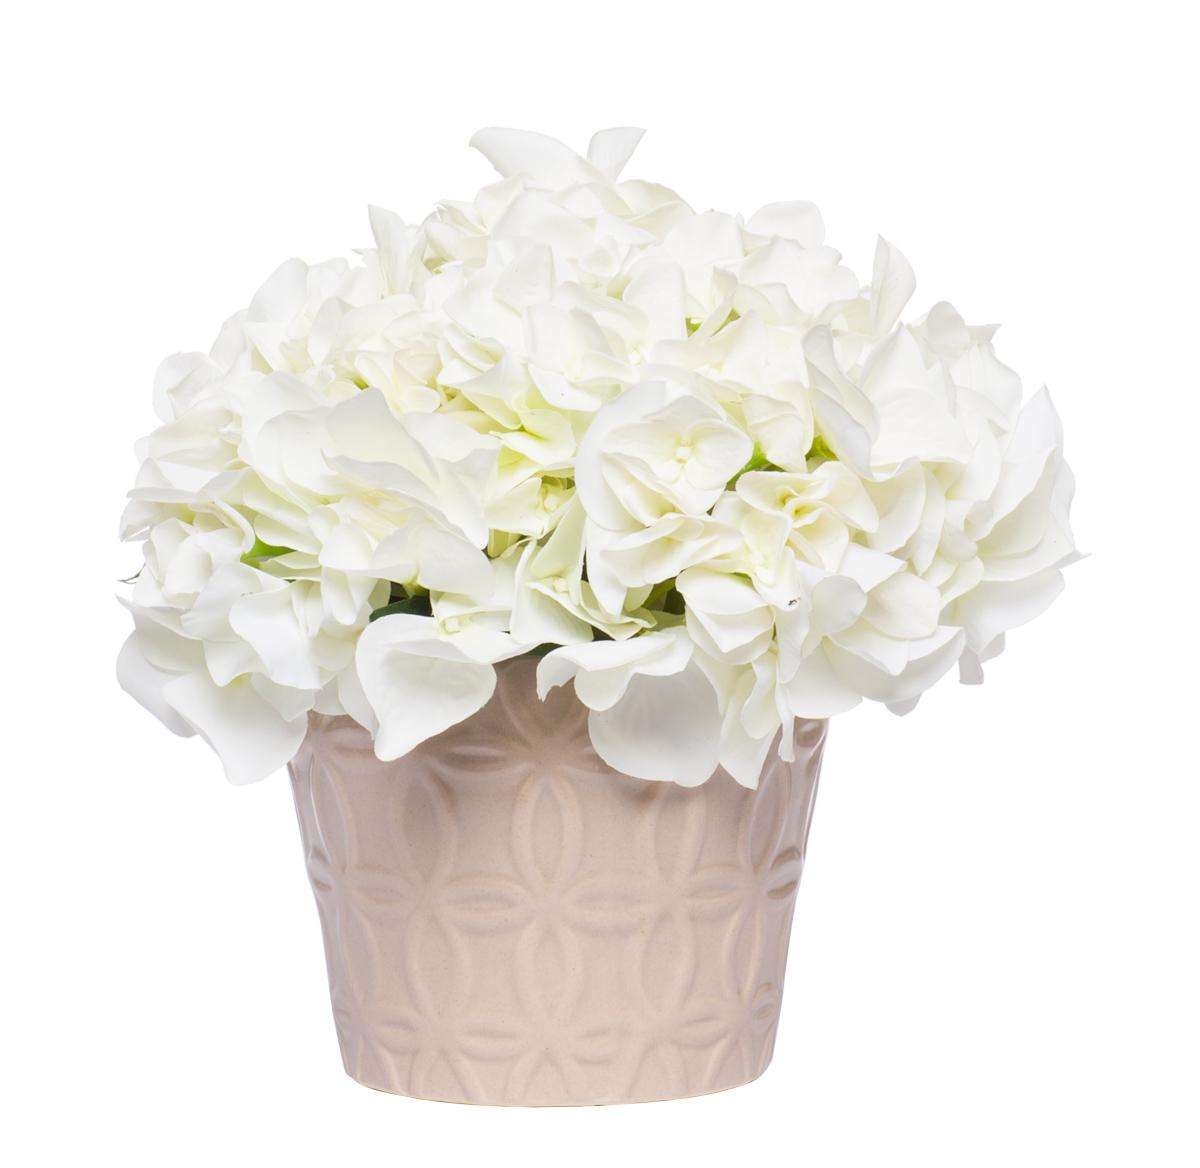 White Hydrangea in Insignia Pot